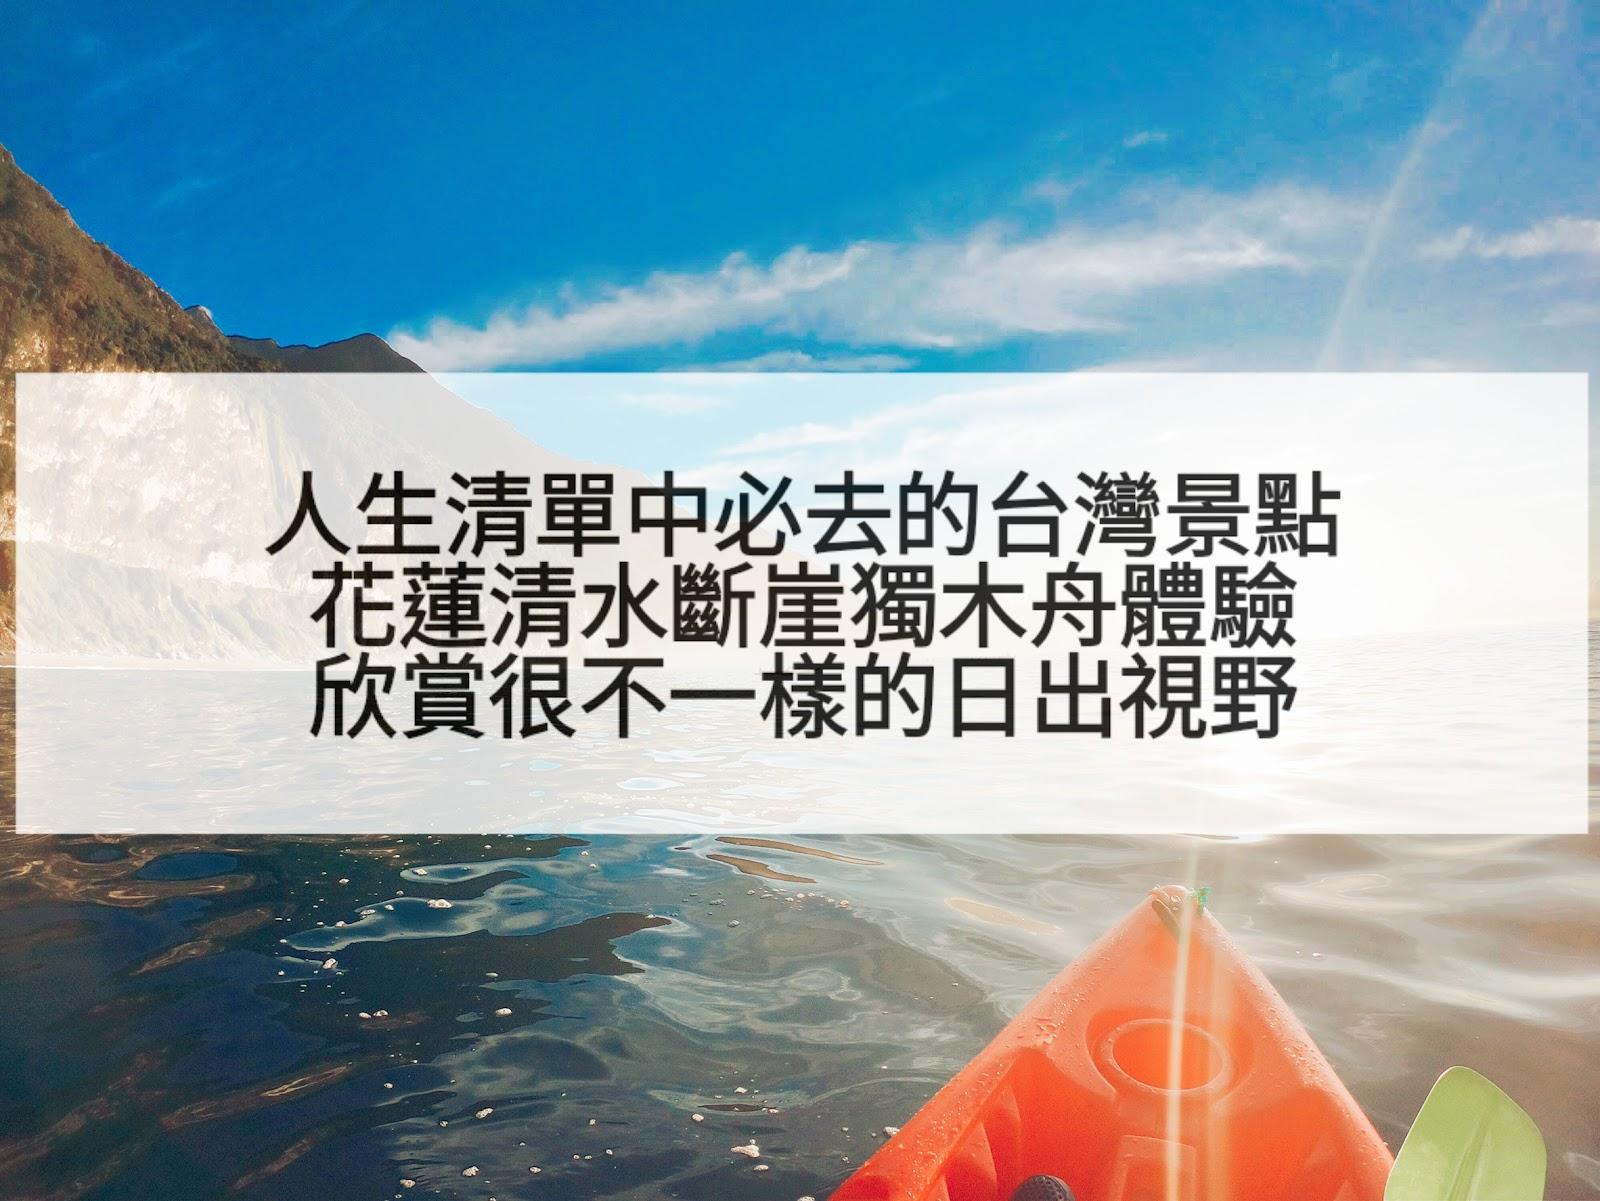 清水斷崖獨木舟